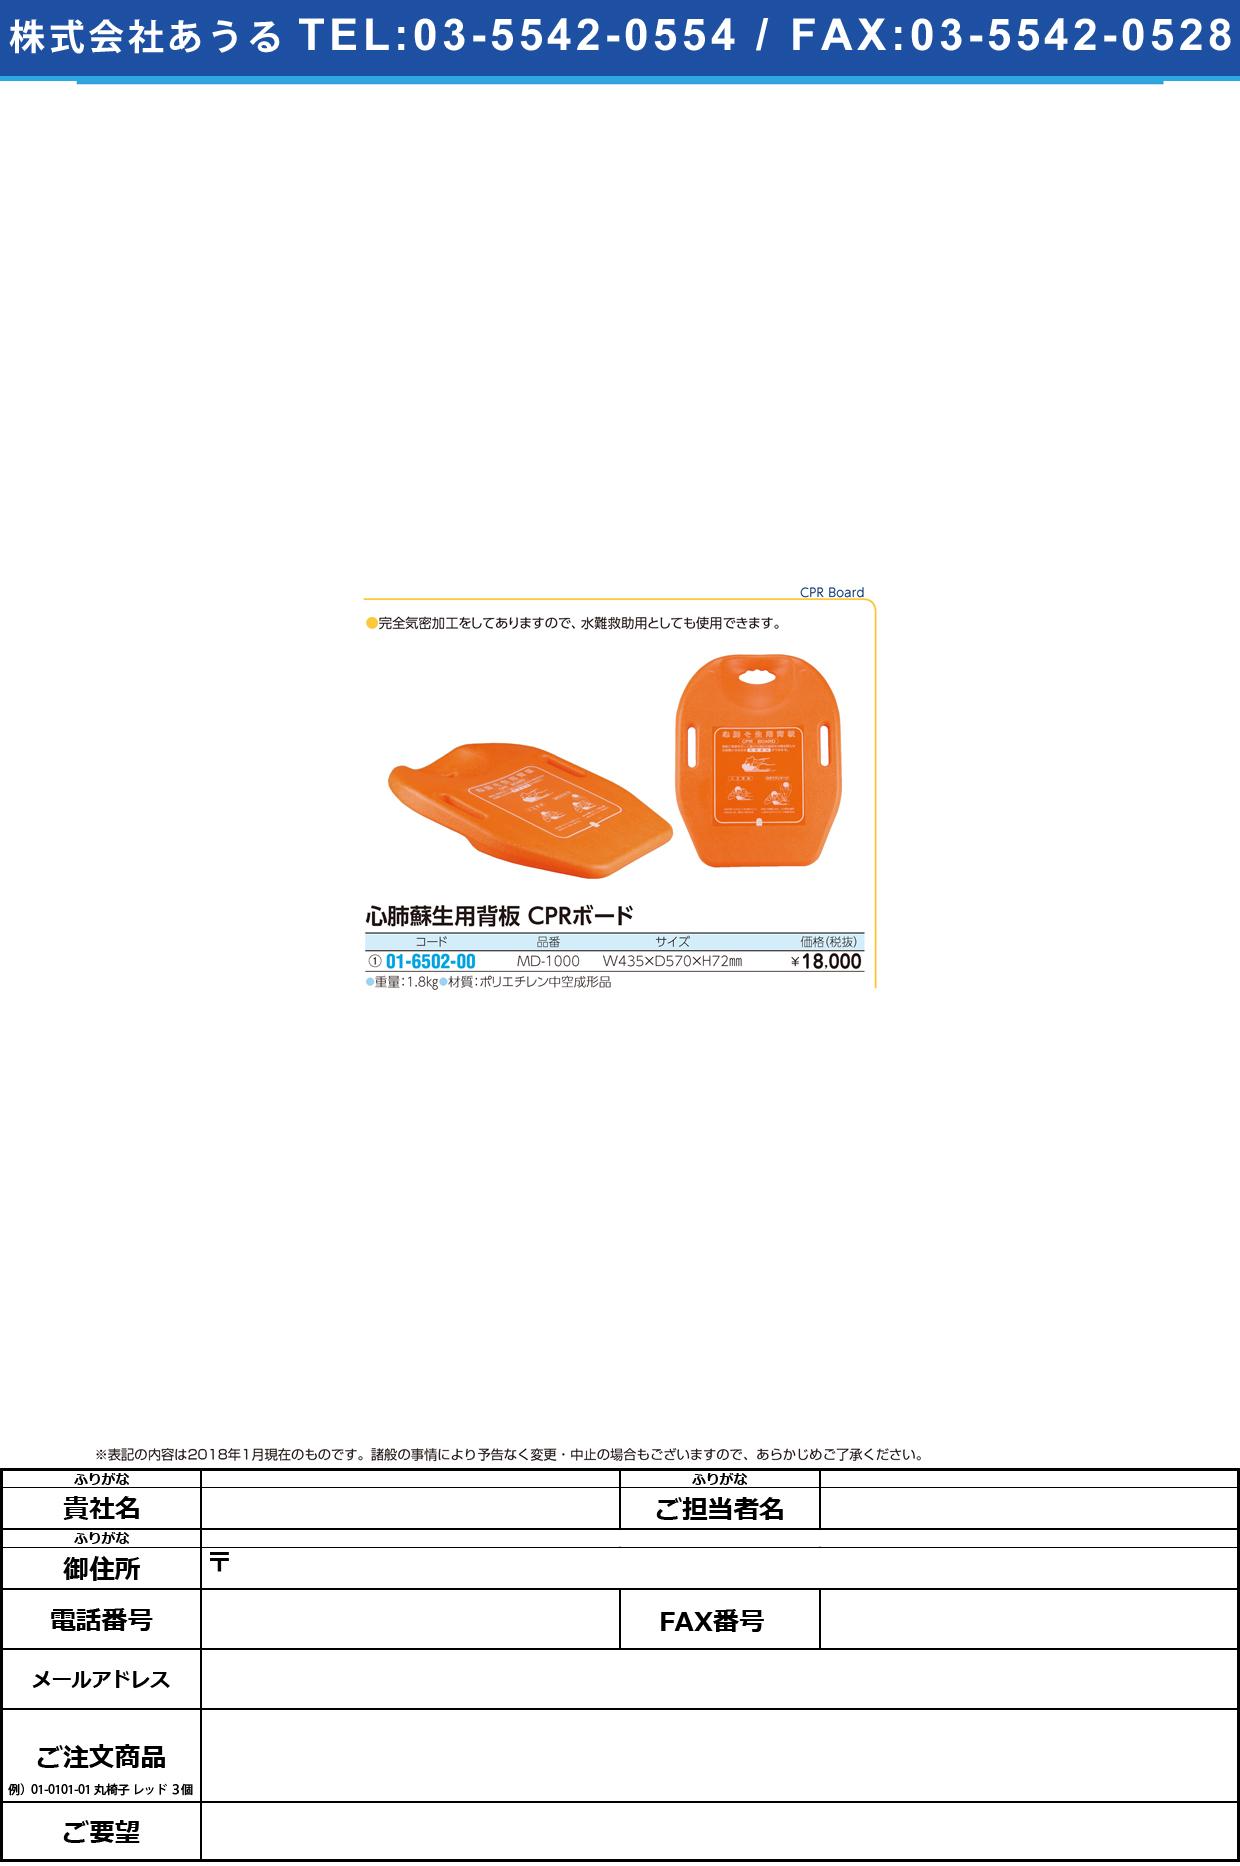 (01-6502-00)心肺蘇生用背板CPRボード MD-1000 シンパイソセイヨウハイバン【1枚単位】【2018年カタログ商品】